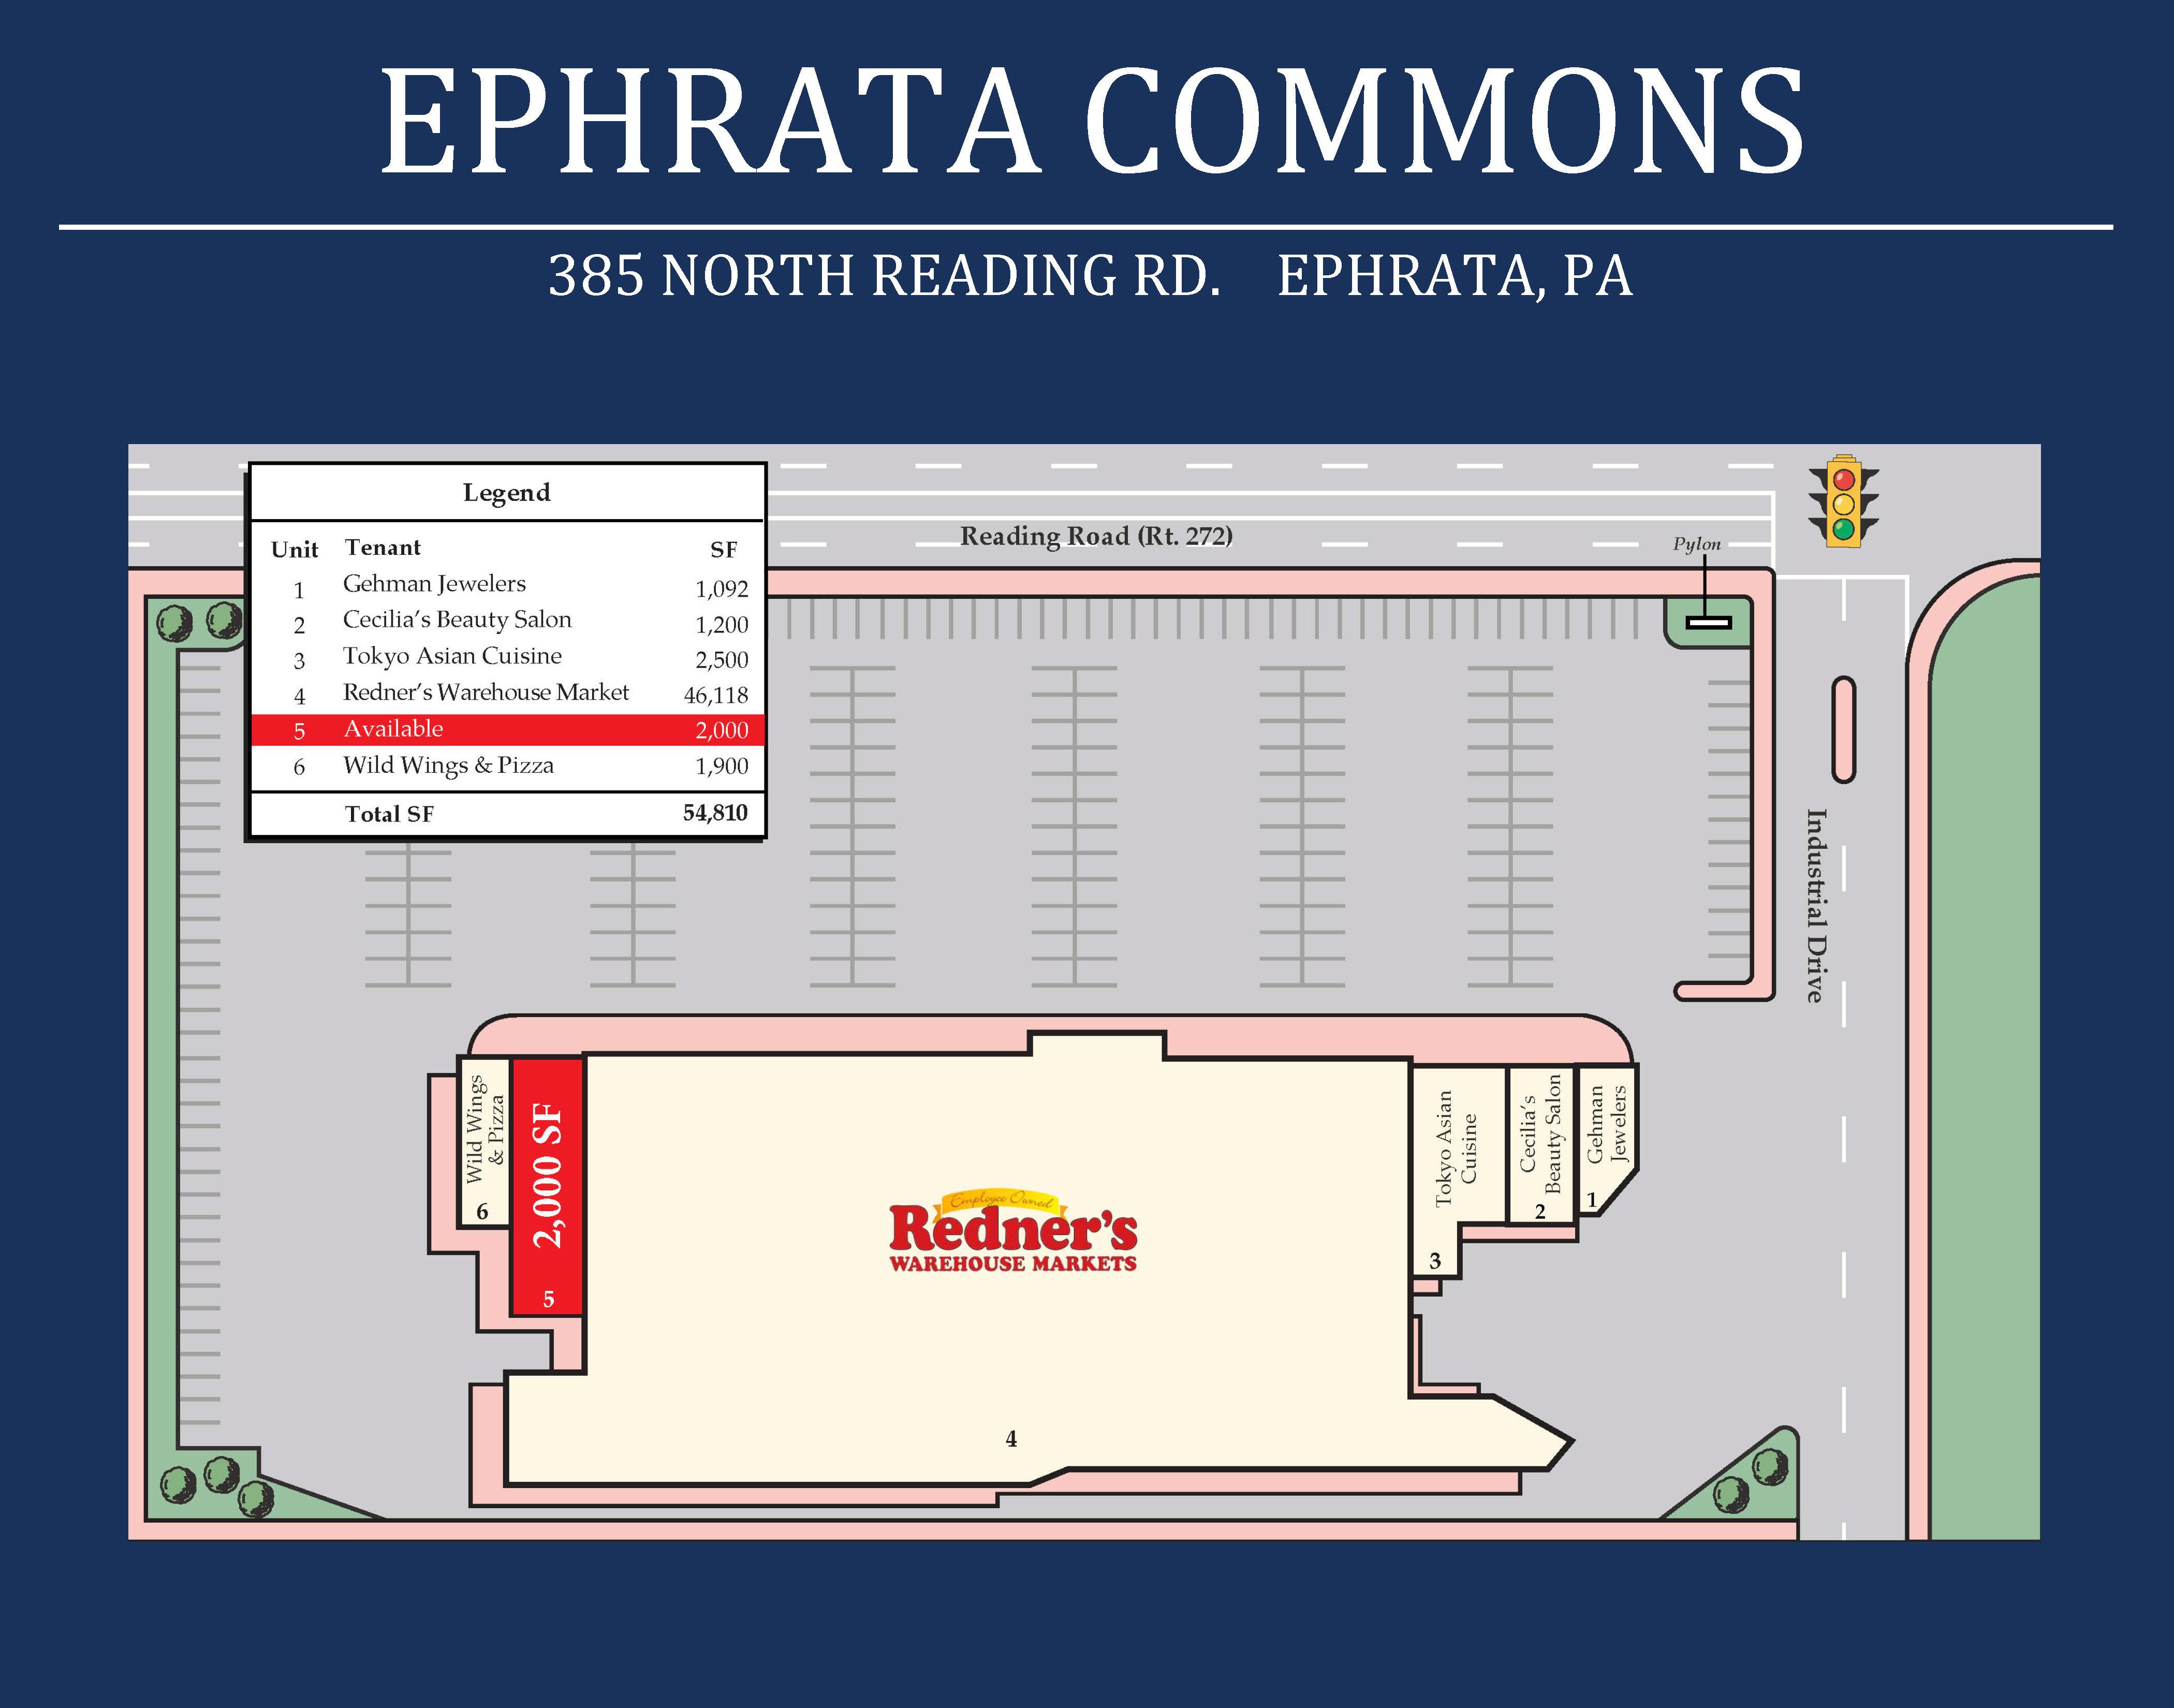 Ephrata Commons